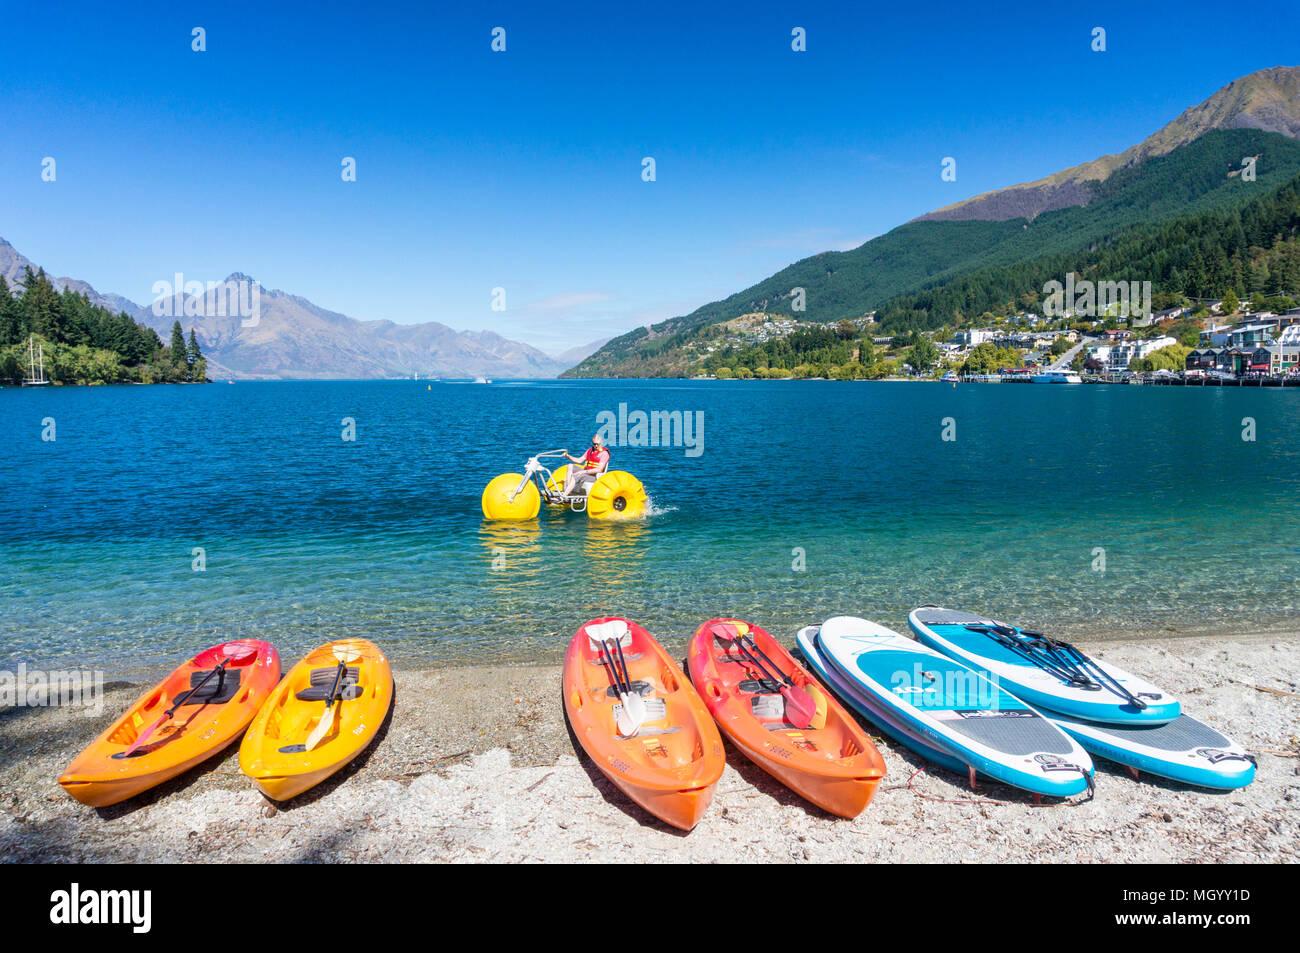 El lago Wakatipu desde la orilla del lago con kayaks y bicicletas acuáticas para alquiler y alquiler de kayaks lakeside queenstown, Isla del Sur, Nueva Zelanda Imagen De Stock